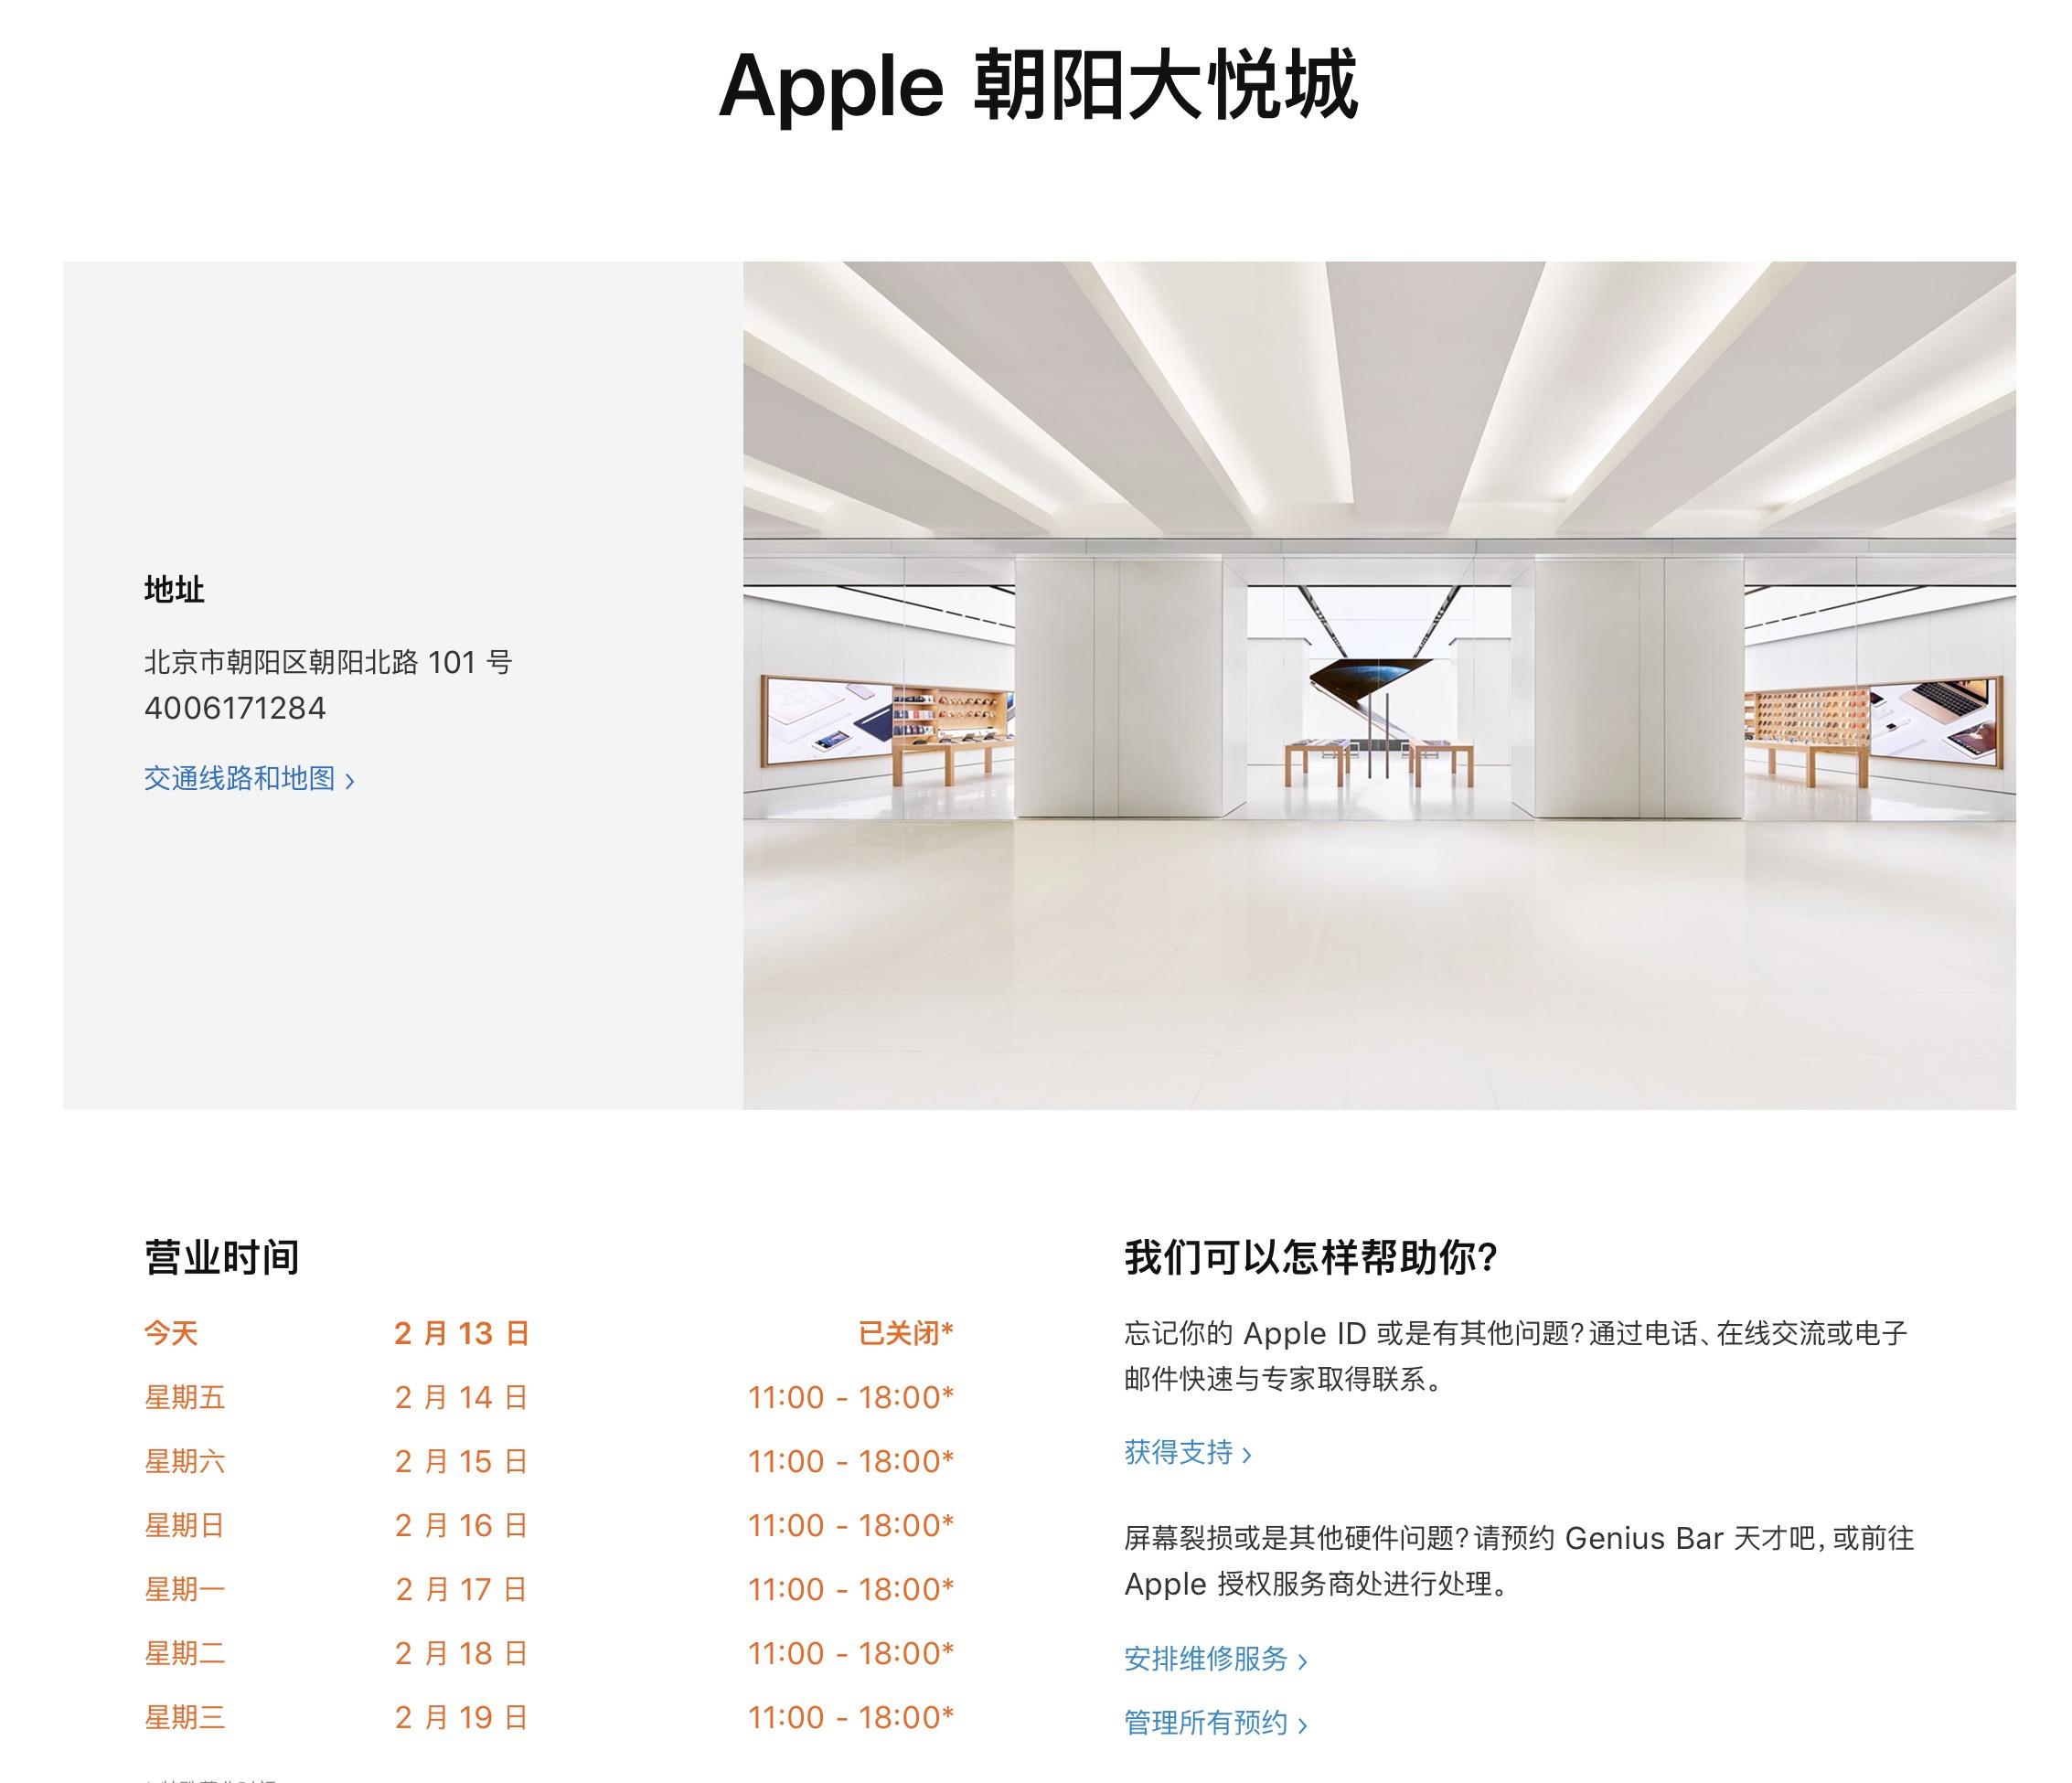 蘋果在北京的五家零售門店2月14日起恢復營業